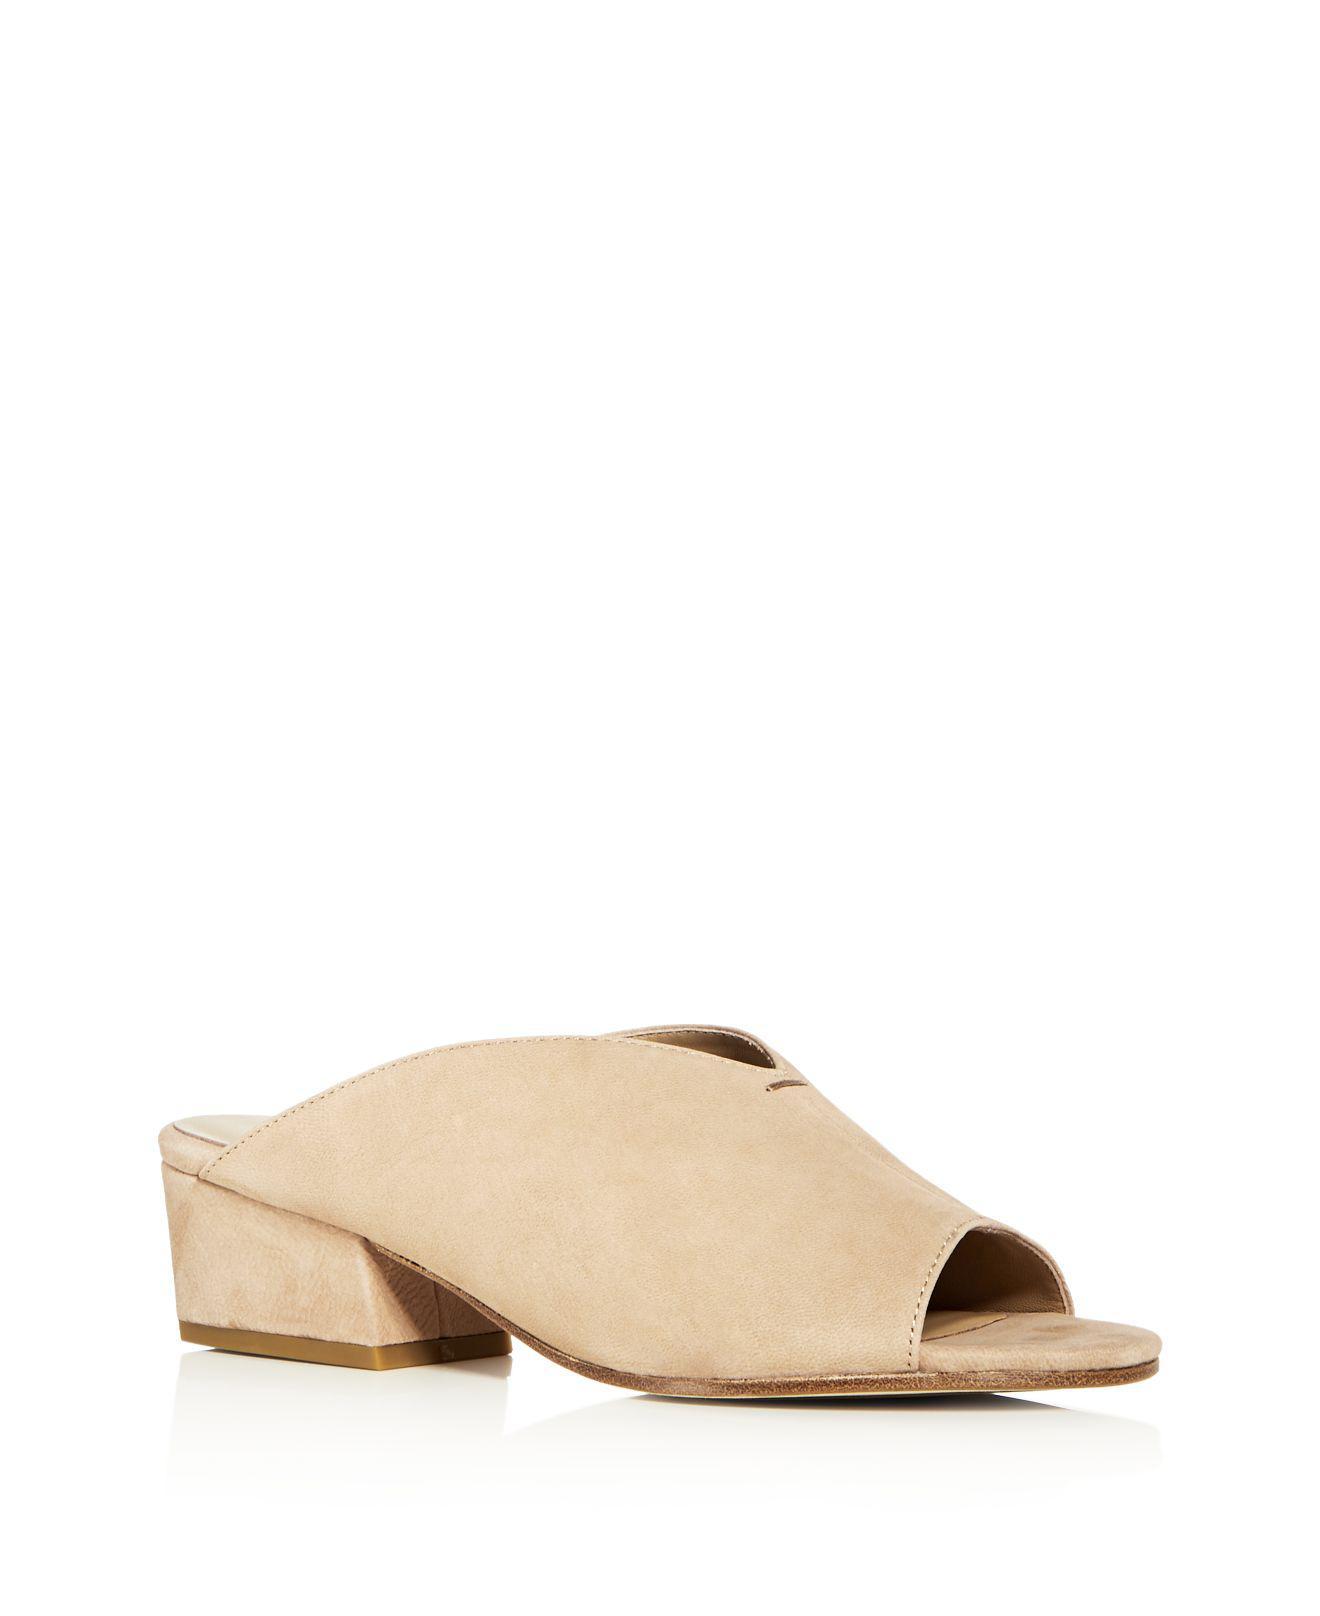 Eileen Fisher Women's Slide Sandal